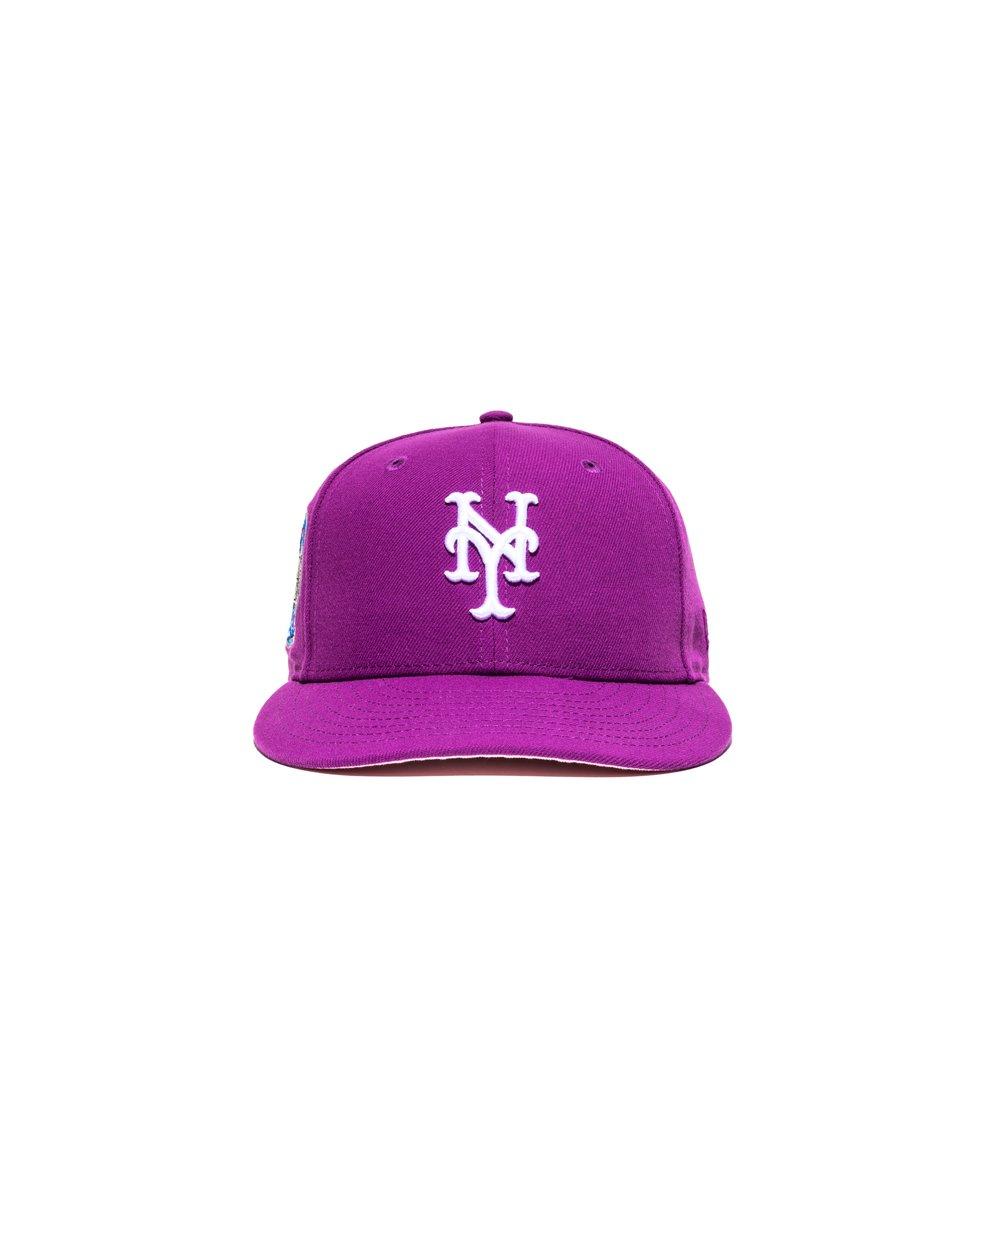 Image of Hat Club x JaeTips- Purple Mets